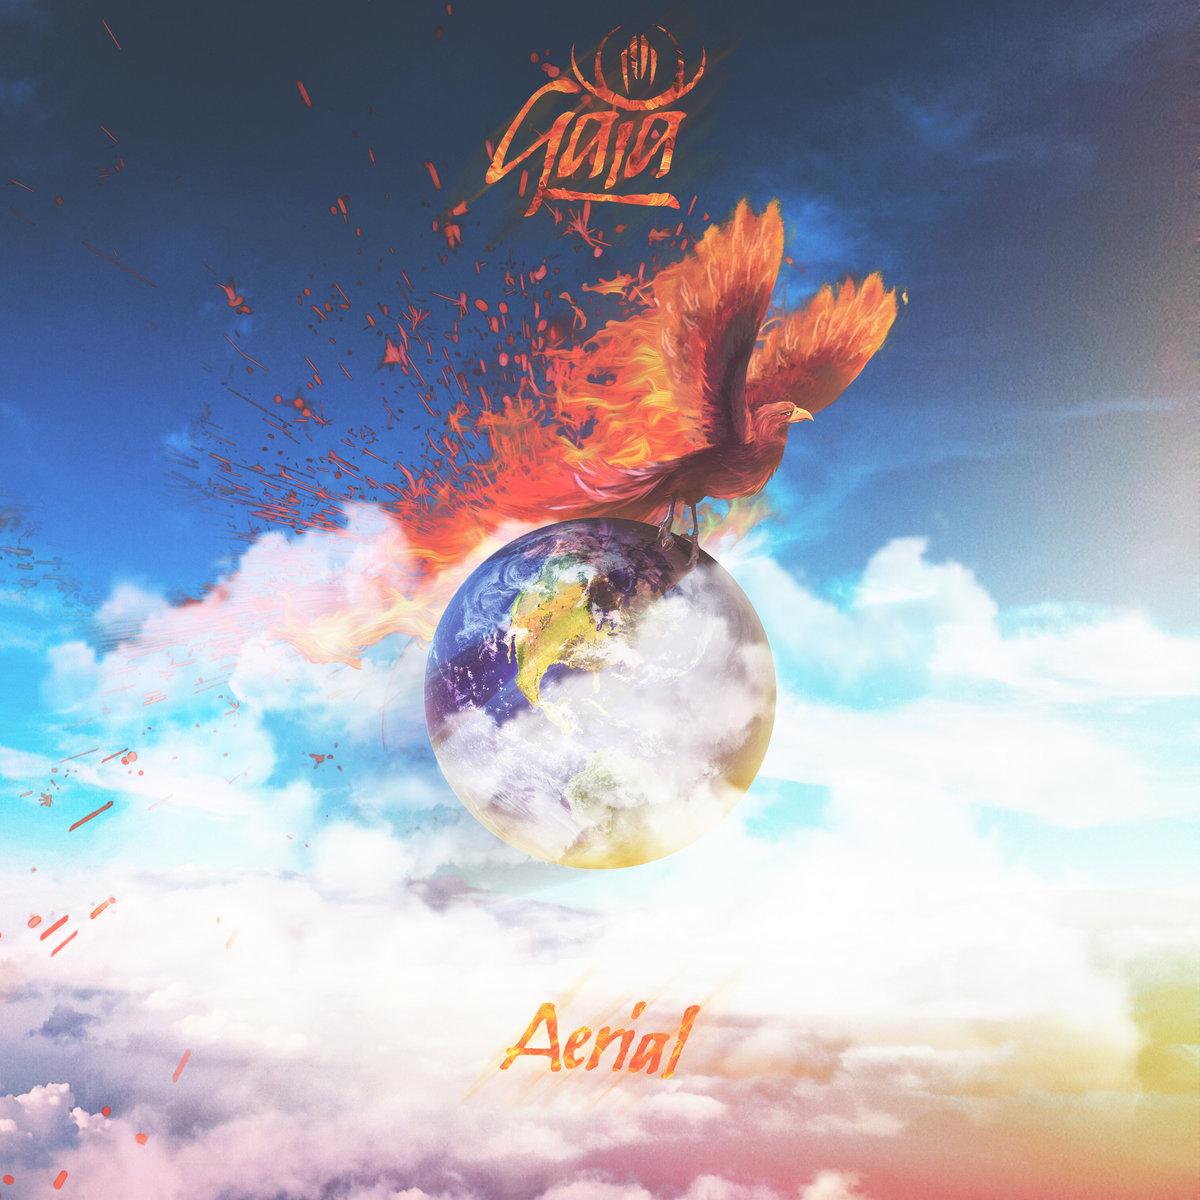 Gaia - Aerial (2018)